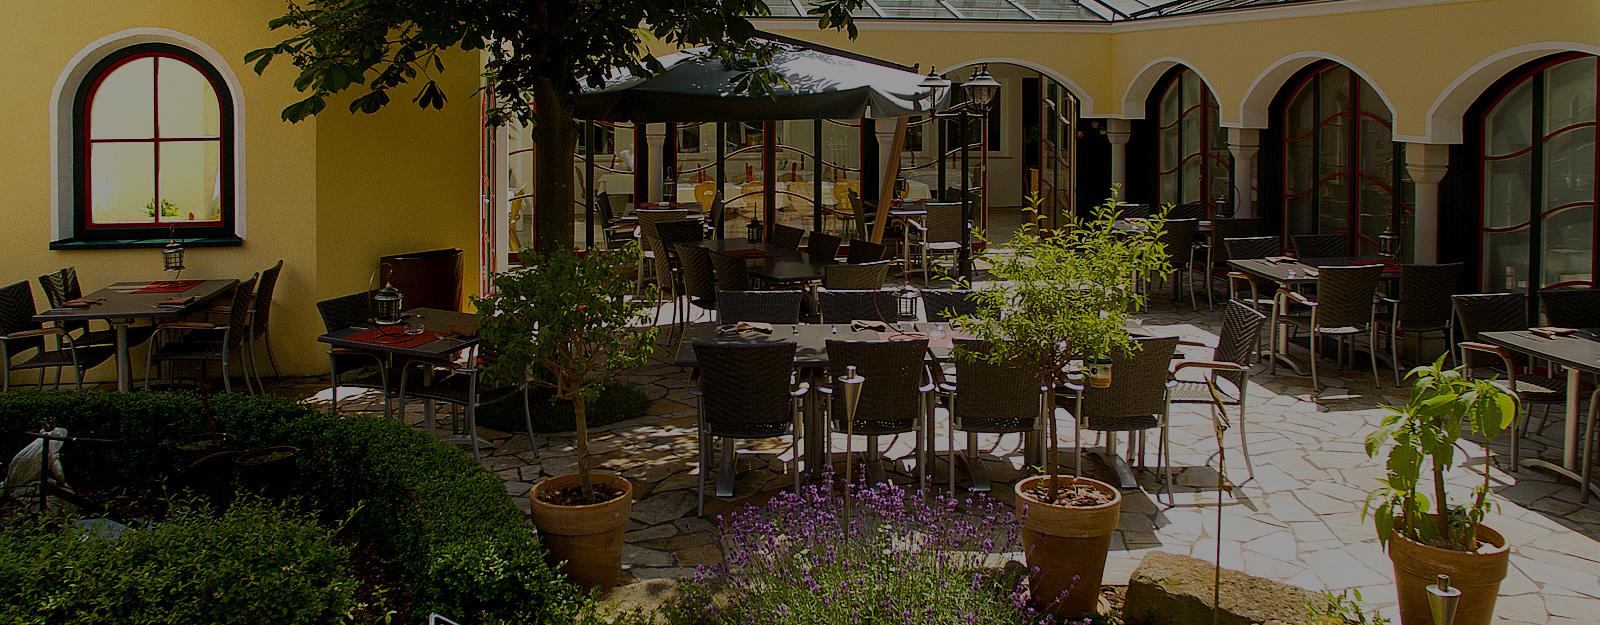 Restaurant & Terrasse   Landgasthof Scheubel